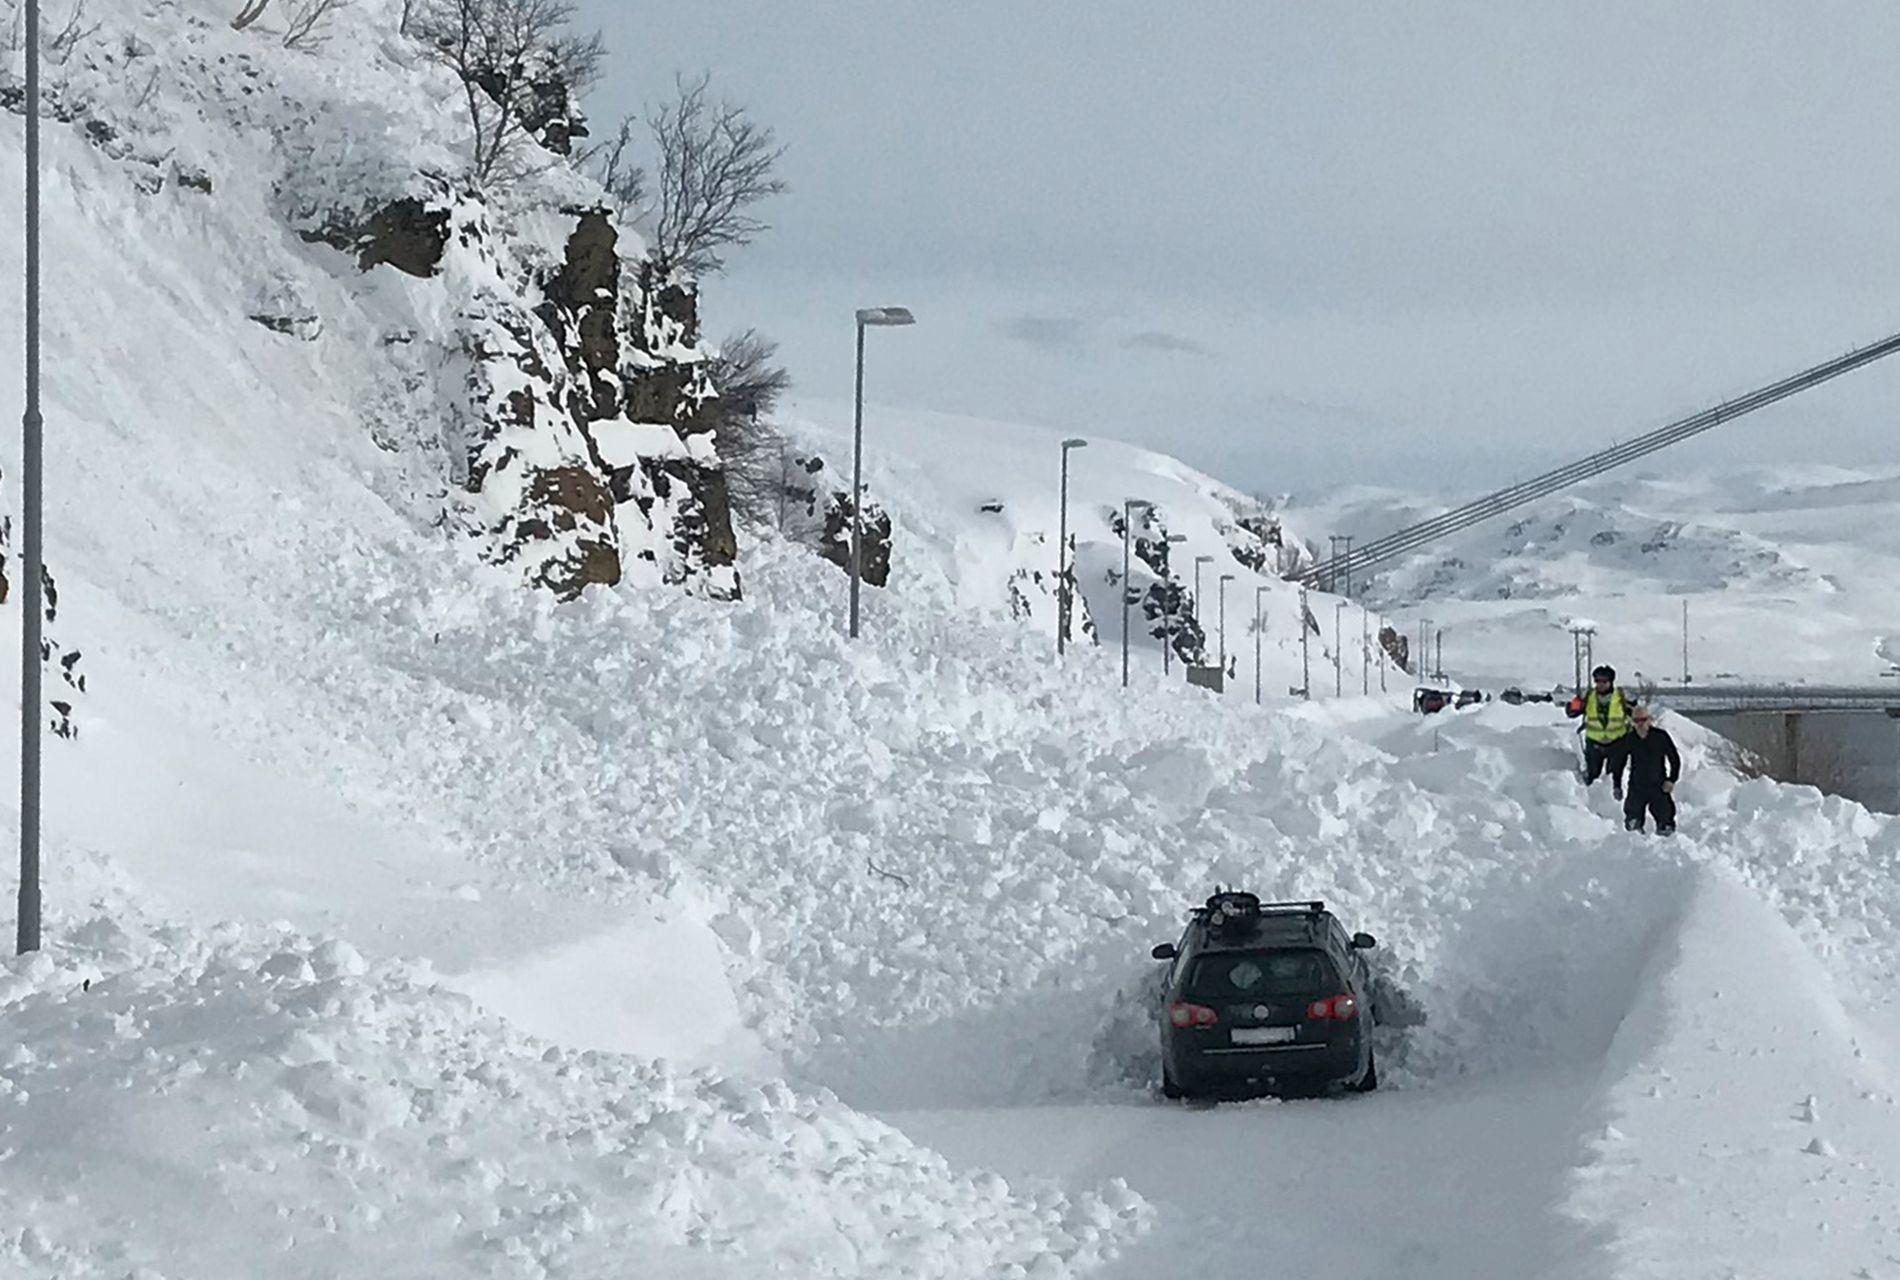 SNØSKRED: En personbil ble delvis rammet av et stort snøskred mellom Kvalsund og Hammerfest langfredag. Ingen personer ble skadd av skredet. Foto: Tore Nilsen / NTB scanpix